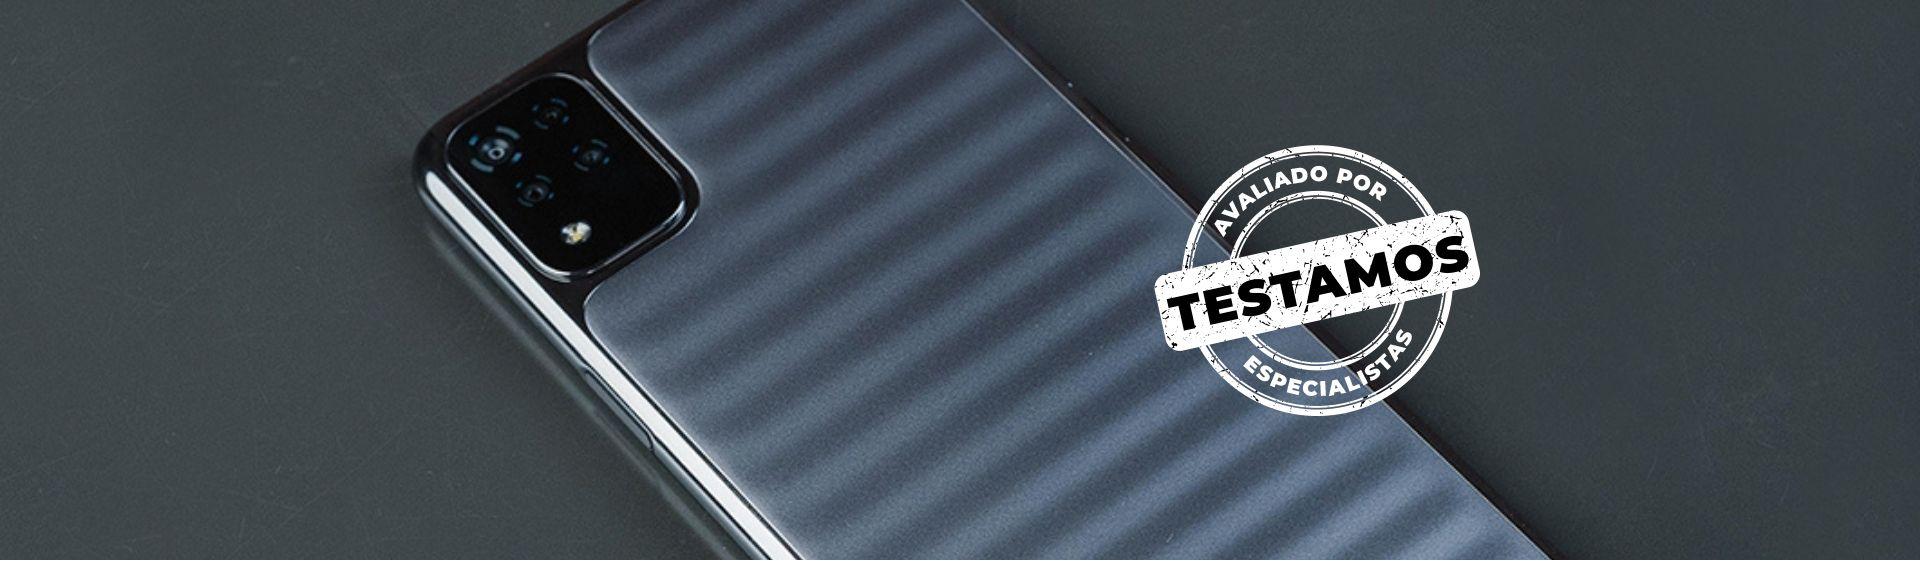 LG K52: celular tem design elegante e boa bateria. Câmeras decepcionam